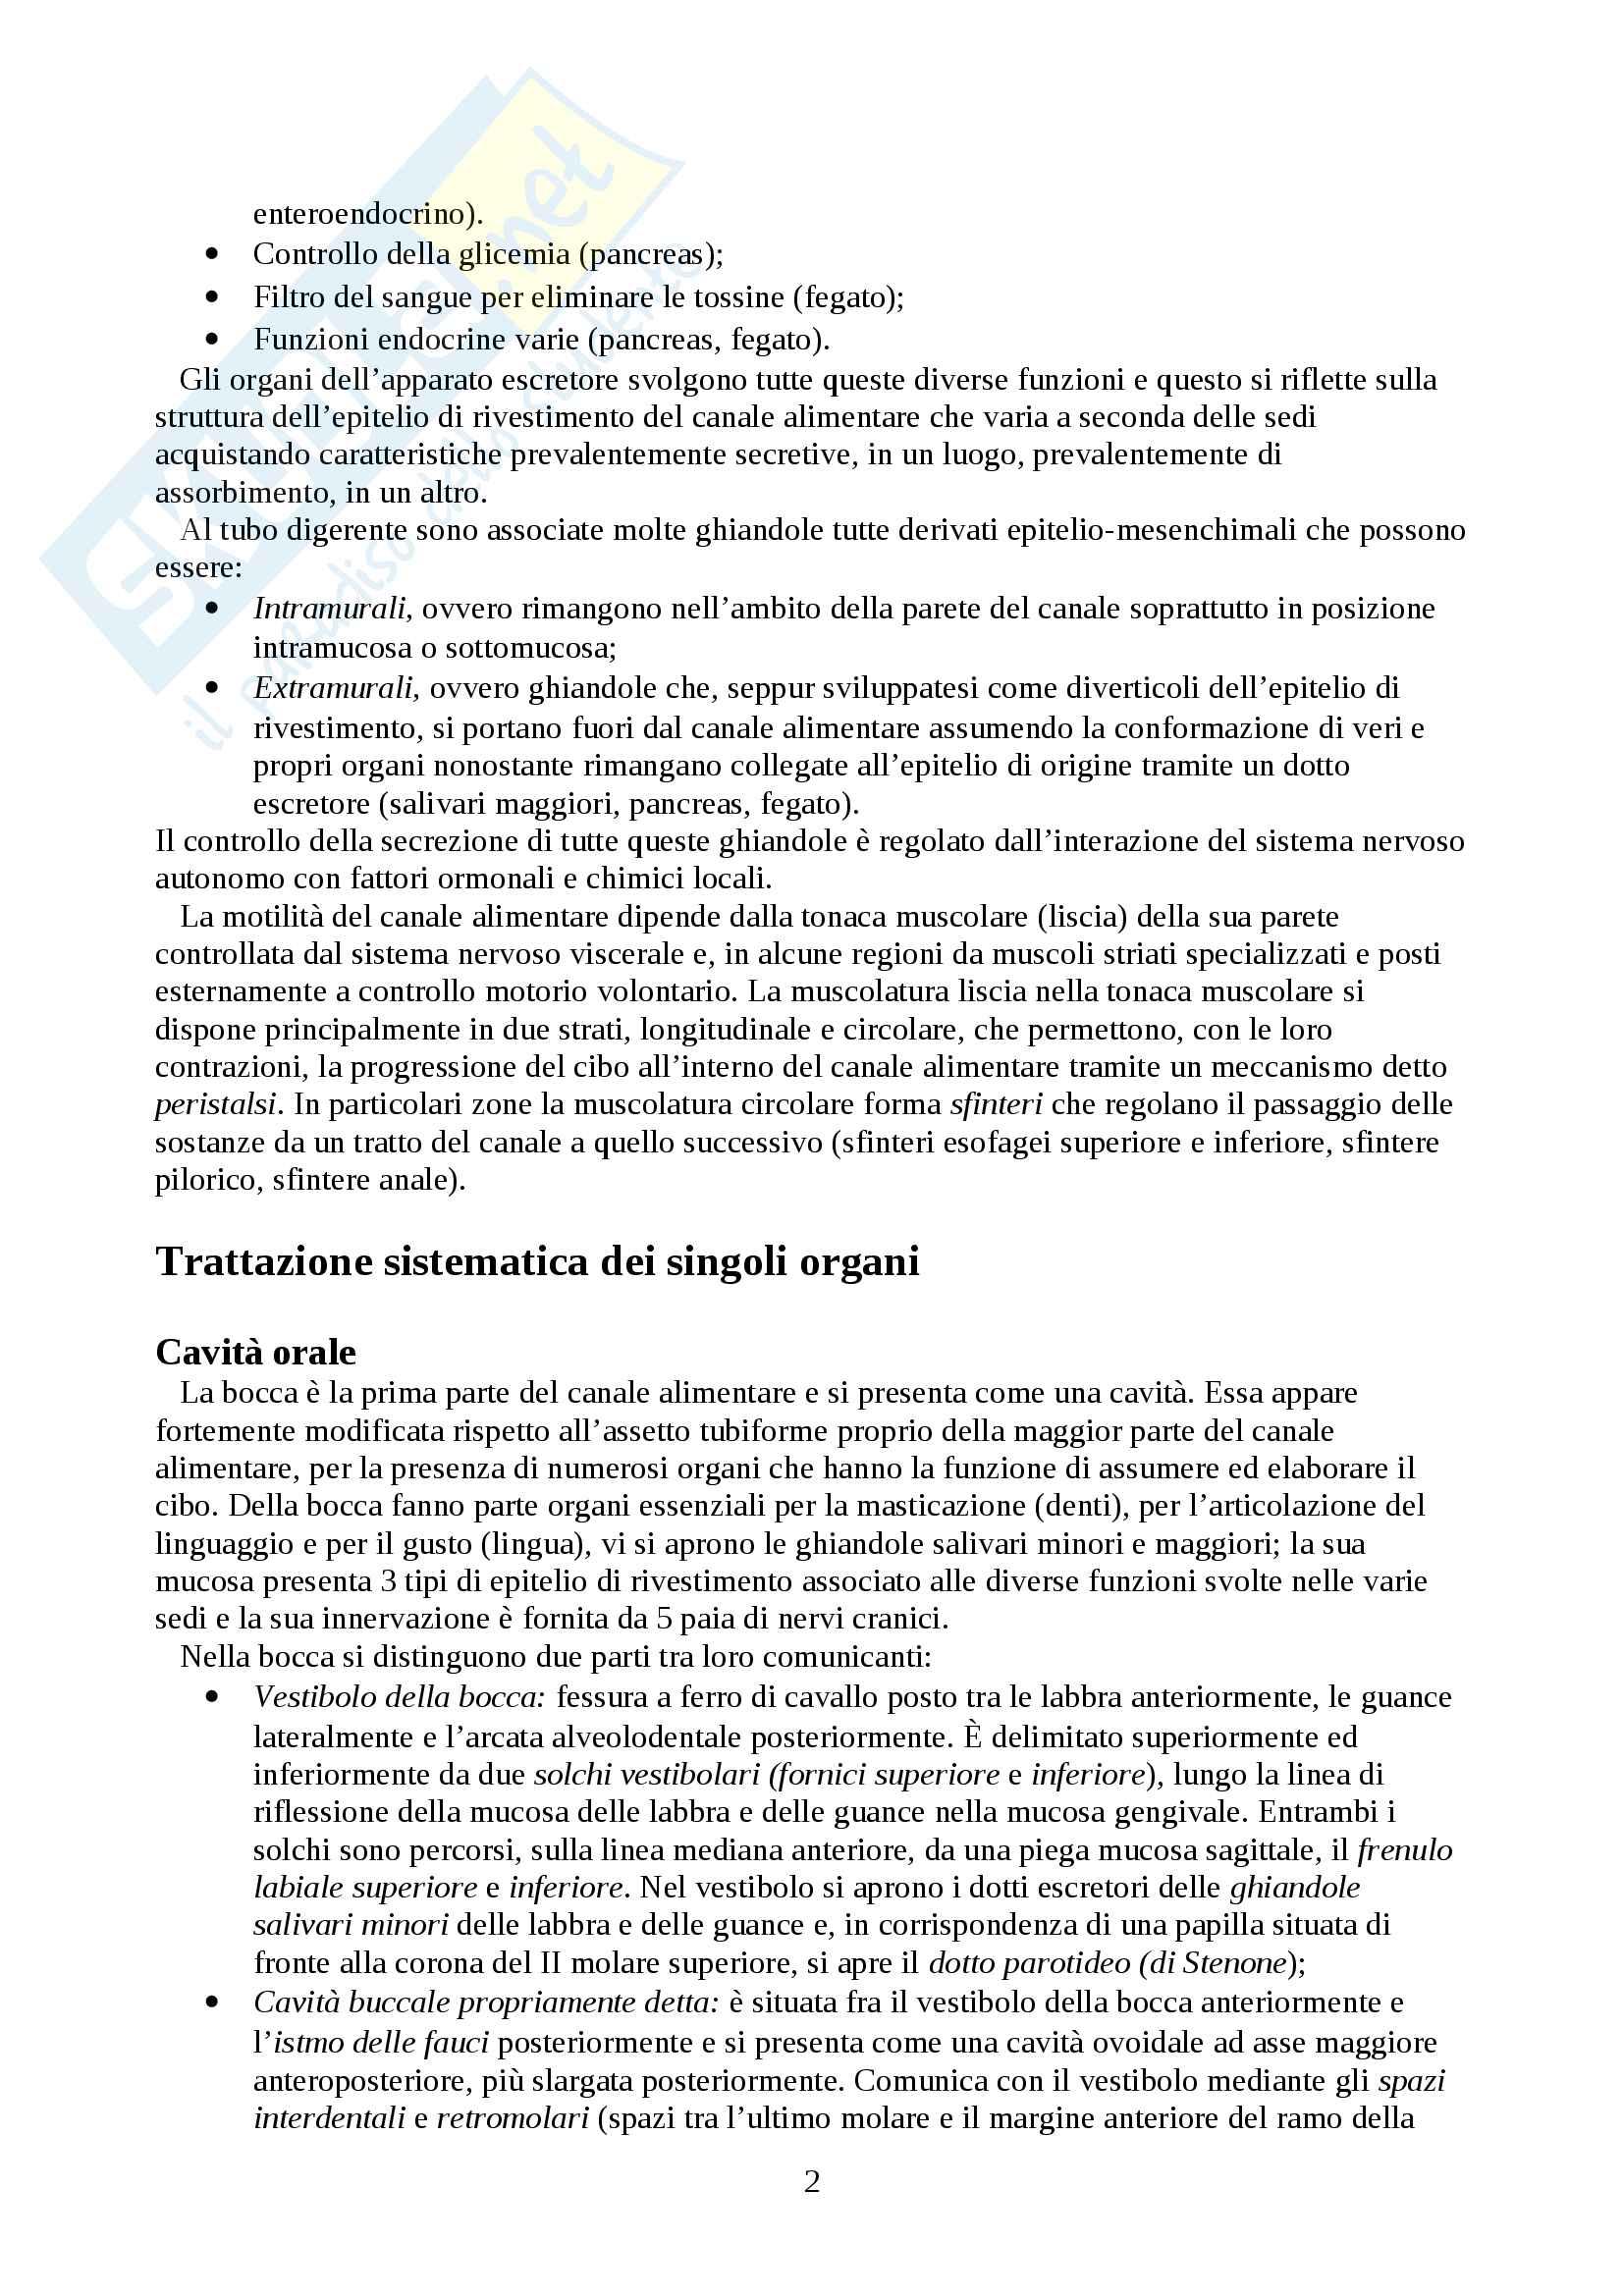 Apparato digerente Pag. 2